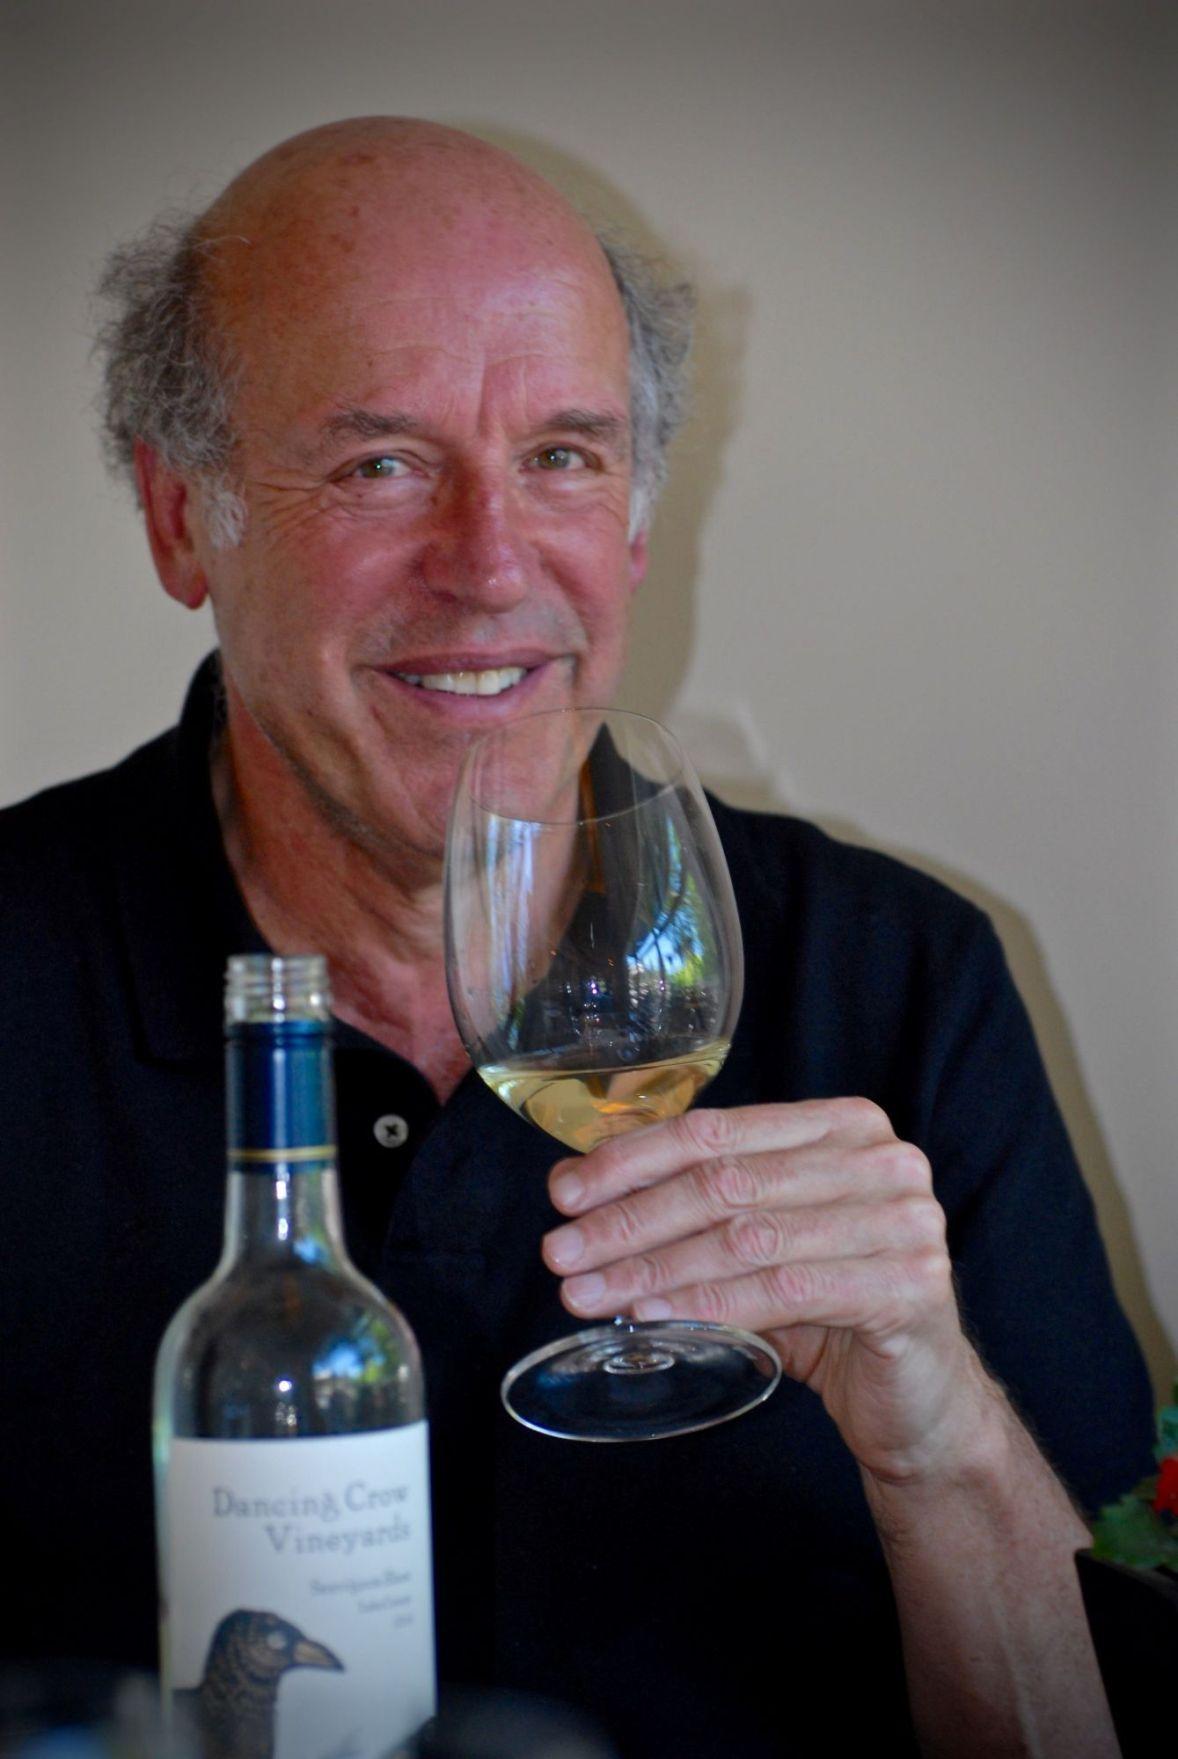 Tony Cartlidge